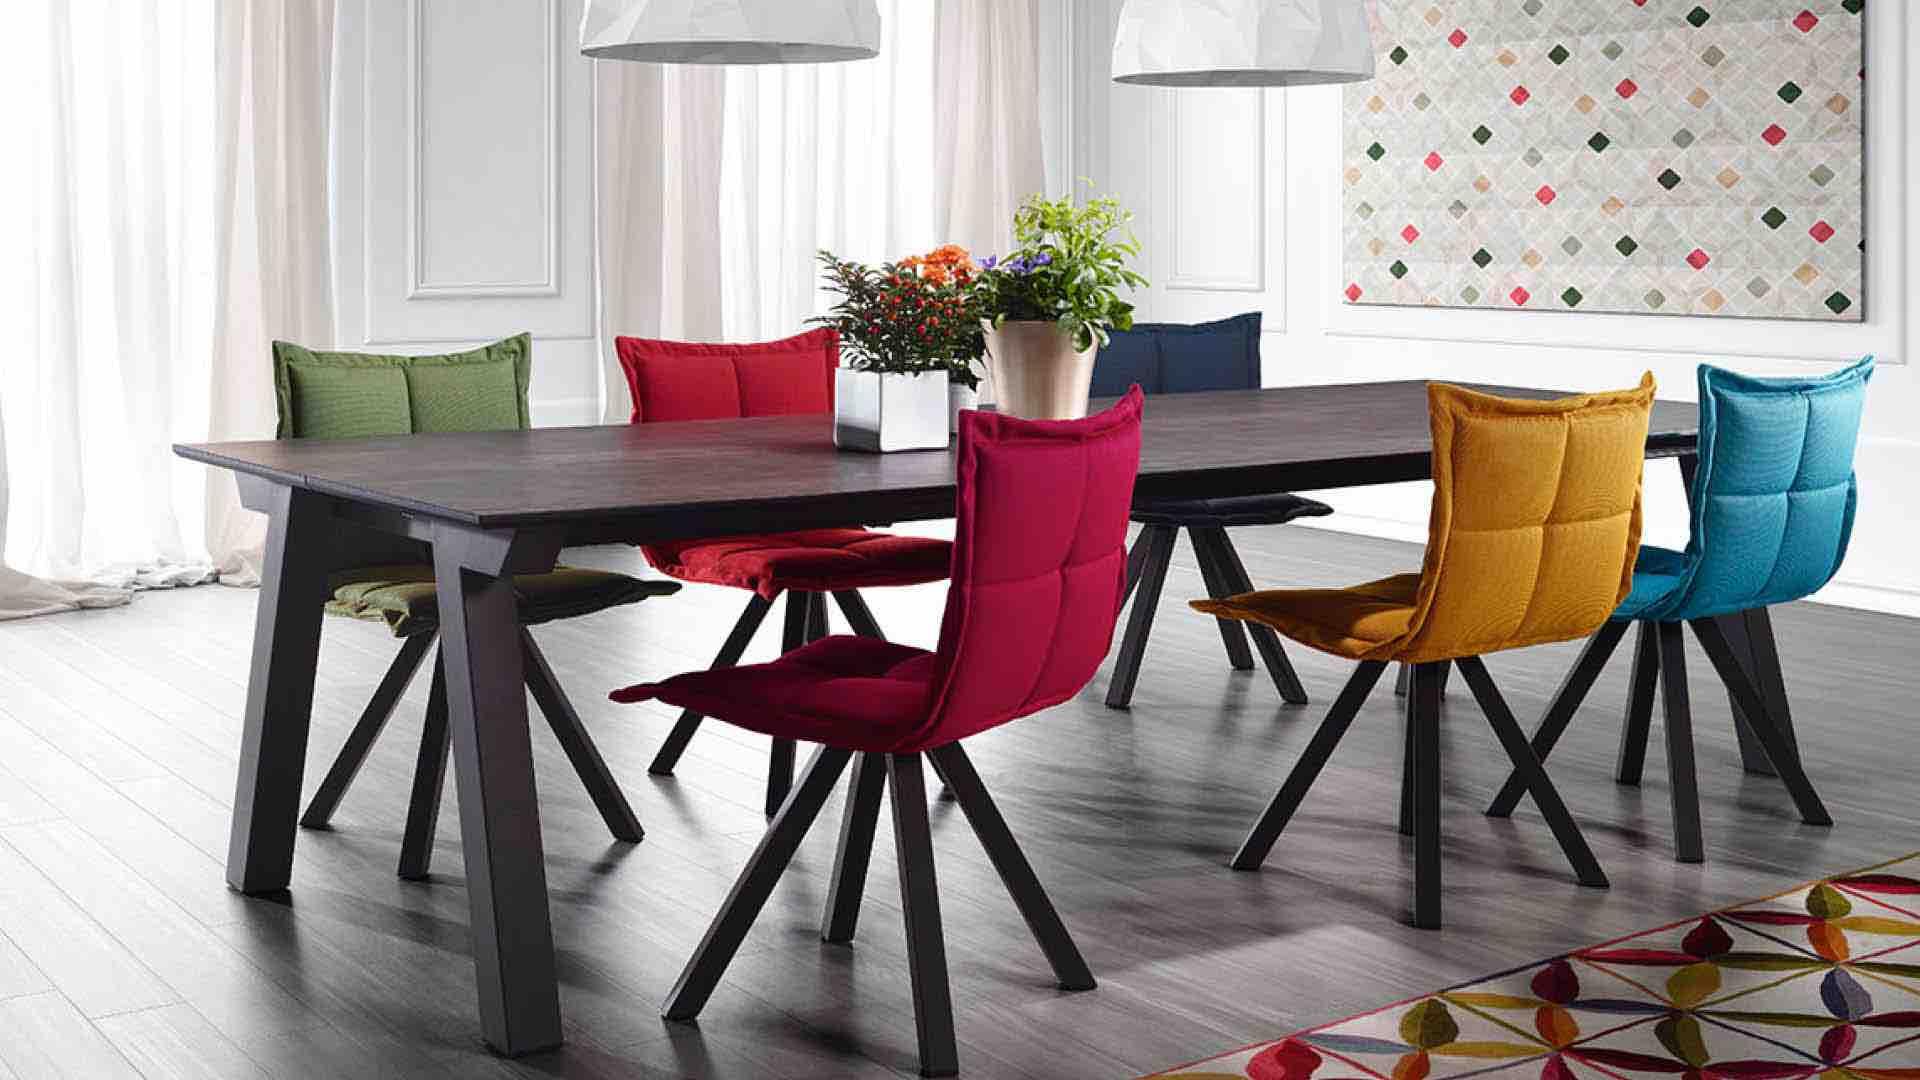 mobilier-design-contemporain-table-soldes